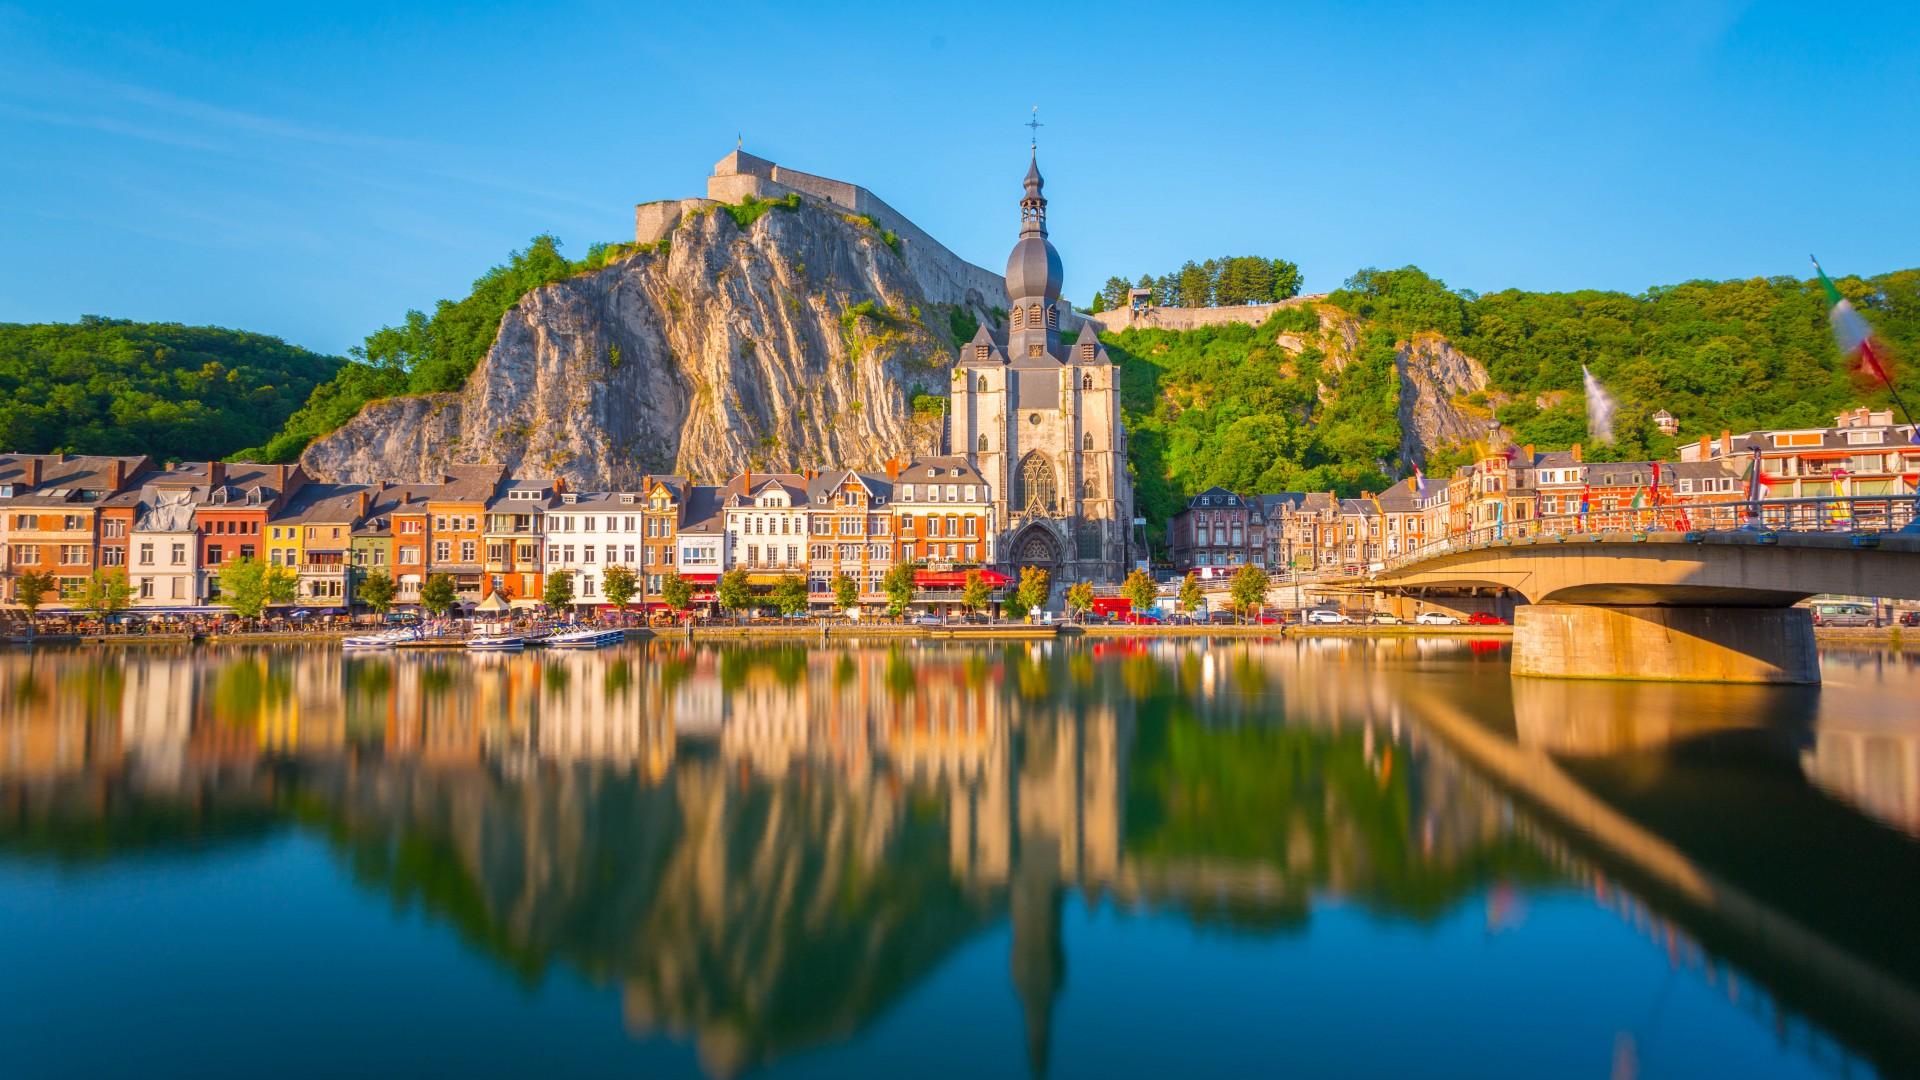 dinant-le-pont-la-cathedrale-gothique-et-secret-world